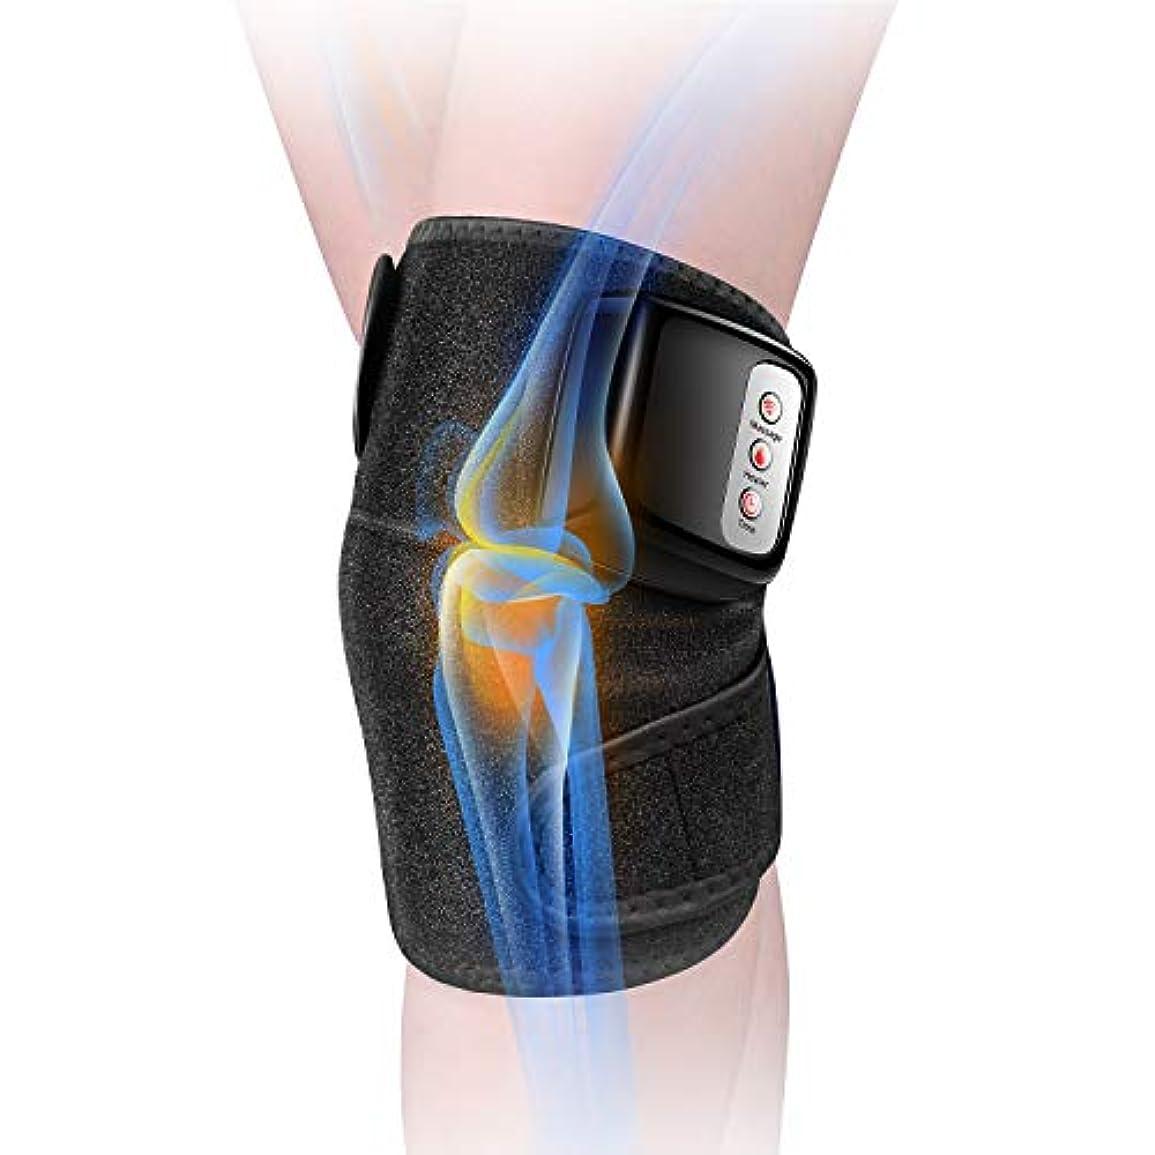 カプセル外側固執膝マッサージャー 関節マッサージャー マッサージ器 フットマッサージャー 振動 赤外線療法 温熱療法 膝サポーター ストレス解消 肩 太もも/腕対応